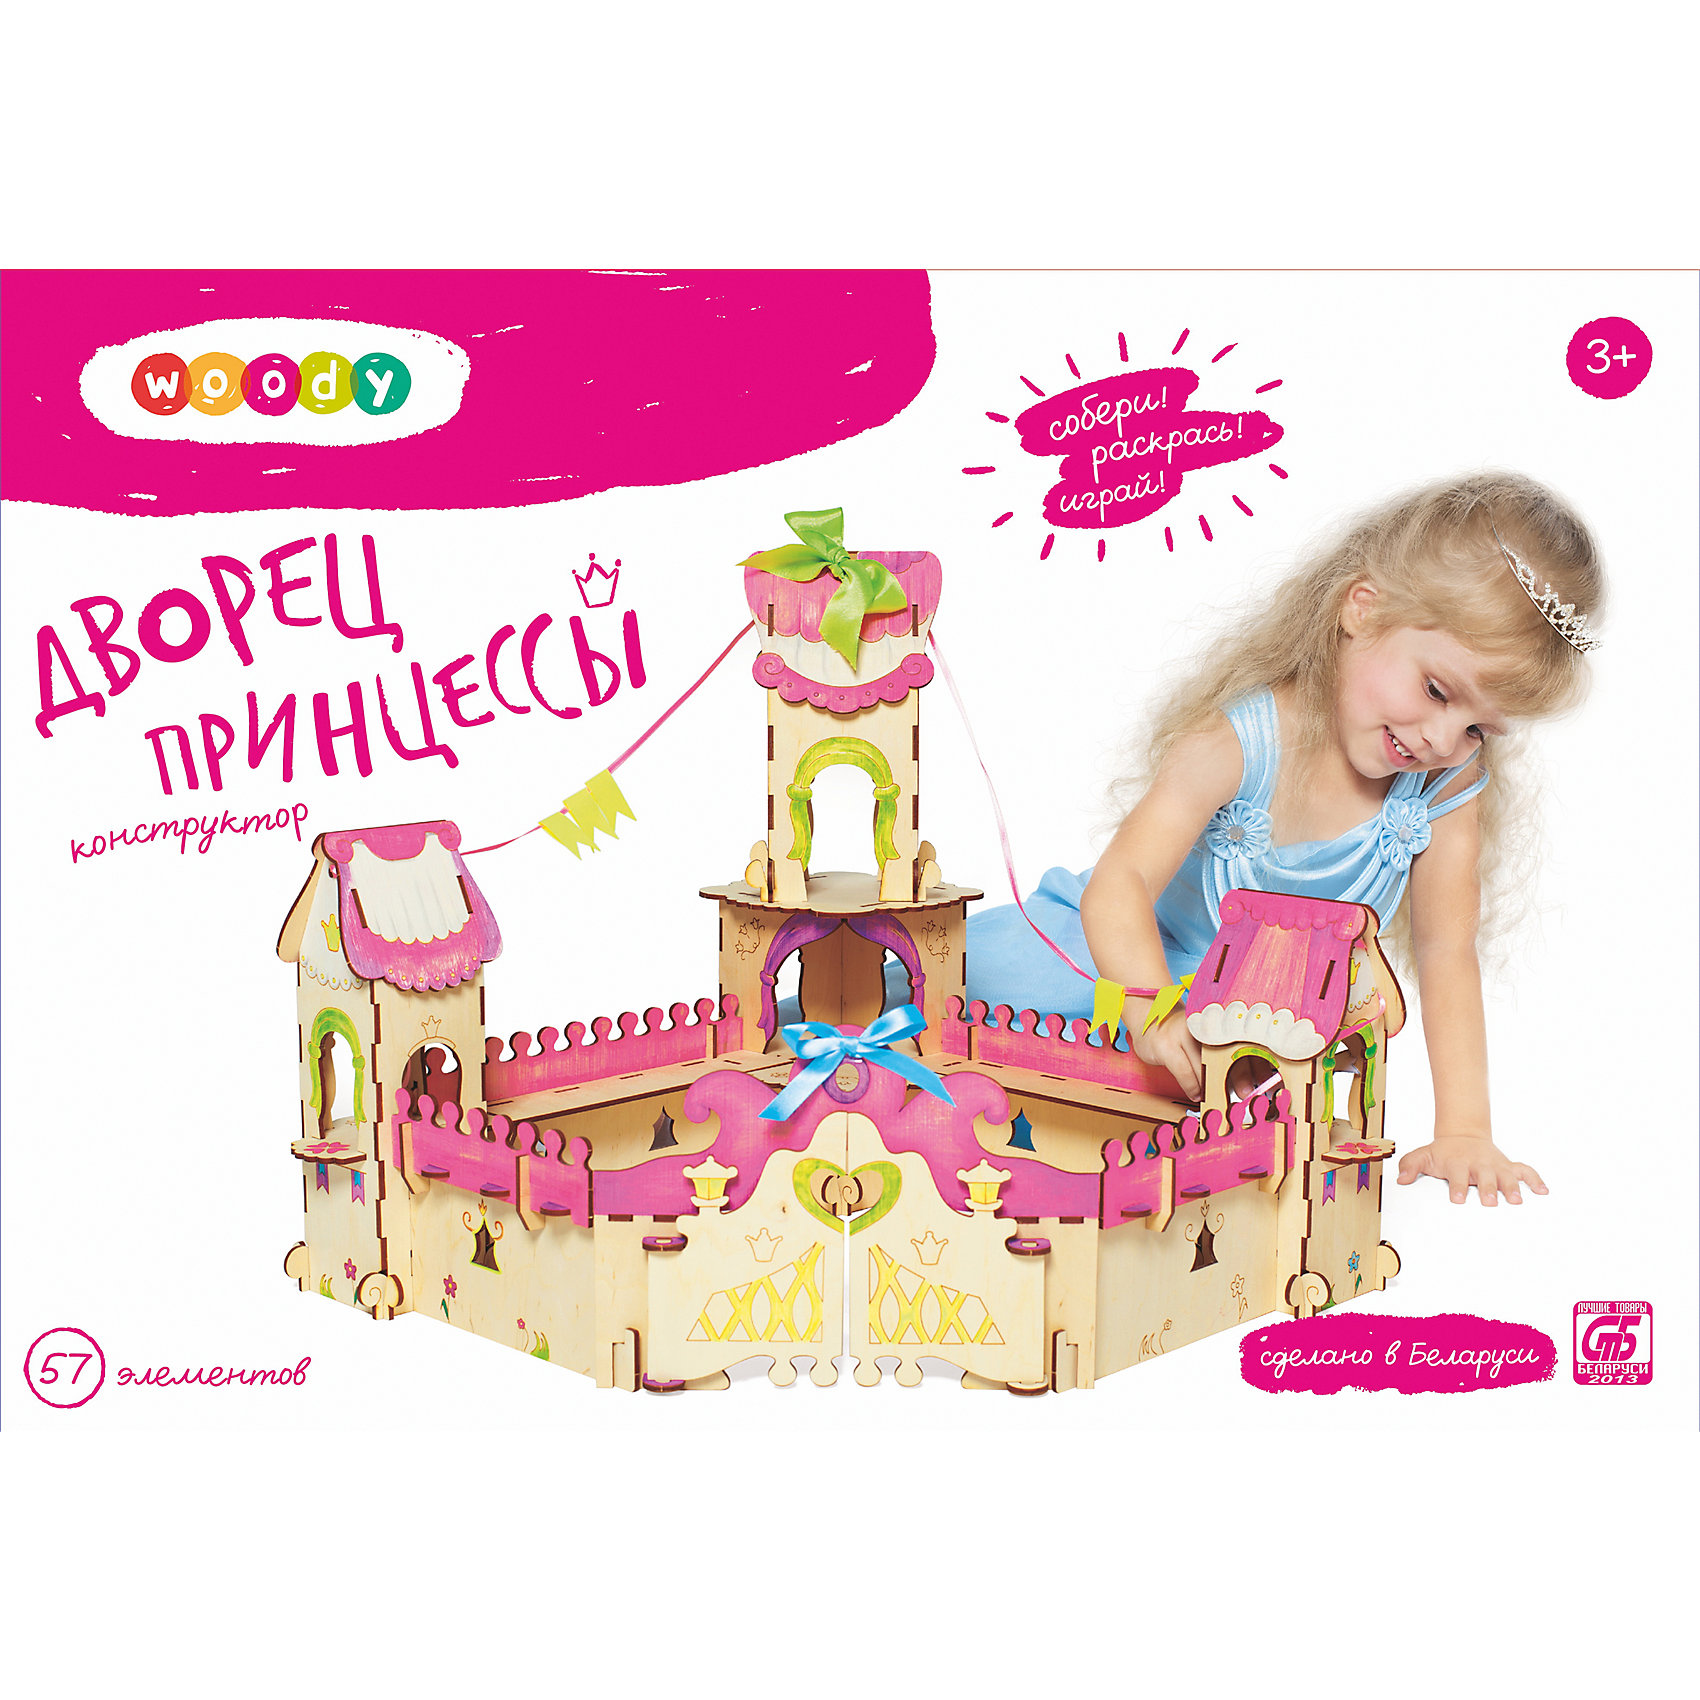 Конструктор Дворец ПринцессыДеревянные конструкторы<br>Любой ребенок постоянно чему-то учится, сделать процесс познавания мира для малышей - просто! Интересная развивающая игрушка Дворец Принцессы - это деревянный конструктор в виде большого дворца для принцессы (в нем могут жить куклы и другие игрушки), он поможет ребенку научиться сопоставлять детали. <br>Этот конструктор обязательно займет ребенка! Игра с ним помогает детям развивать мелкую моторику и познавать мир, также его можно раскрасить по своему усмотрению. Обучающая игрушка сделана из качественных и безопасных для ребенка материалов - натурального дерева.<br><br>Дополнительная информация:<br><br>цвет: дерево;<br>размер: 43 х 43 х 43 см;<br>вес: 1300 г;<br>элементов: 57, набор атласных лент для украшения;<br>материал: дерево.<br><br>Конструктор Дворец Принцессы можно купить в нашем магазине.<br><br>Ширина мм: 335<br>Глубина мм: 230<br>Высота мм: 70<br>Вес г: 1384<br>Возраст от месяцев: 36<br>Возраст до месяцев: 2147483647<br>Пол: Женский<br>Возраст: Детский<br>SKU: 4916369